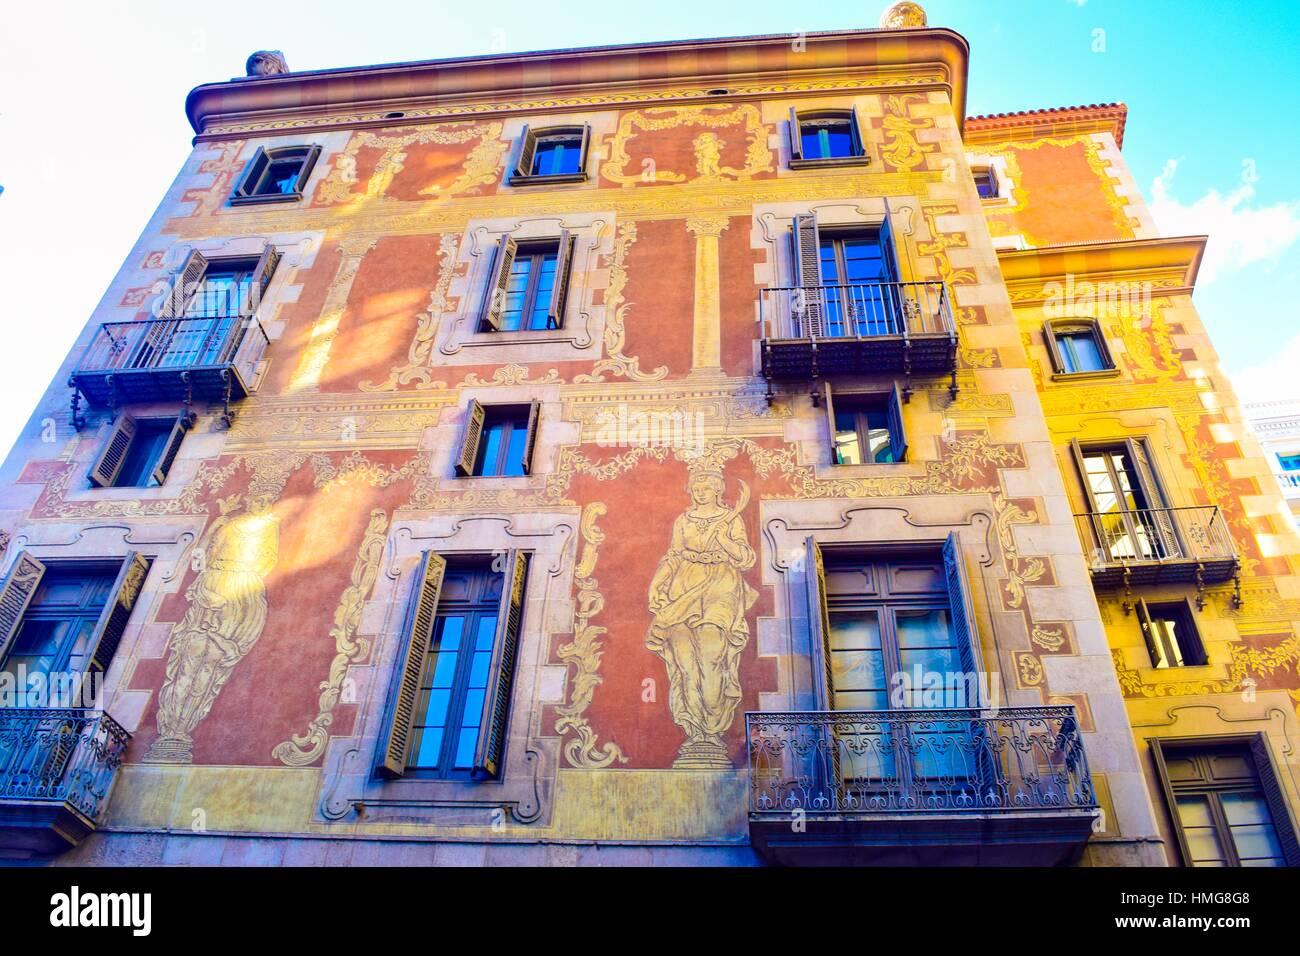 La Casa De La Seda La Maison De La Soie Est La Seule Maison De Guilde A Barcelone Ouvert Au Public Avec Des Visites Regulieres Du Lundi Au Samedi Photo Stock